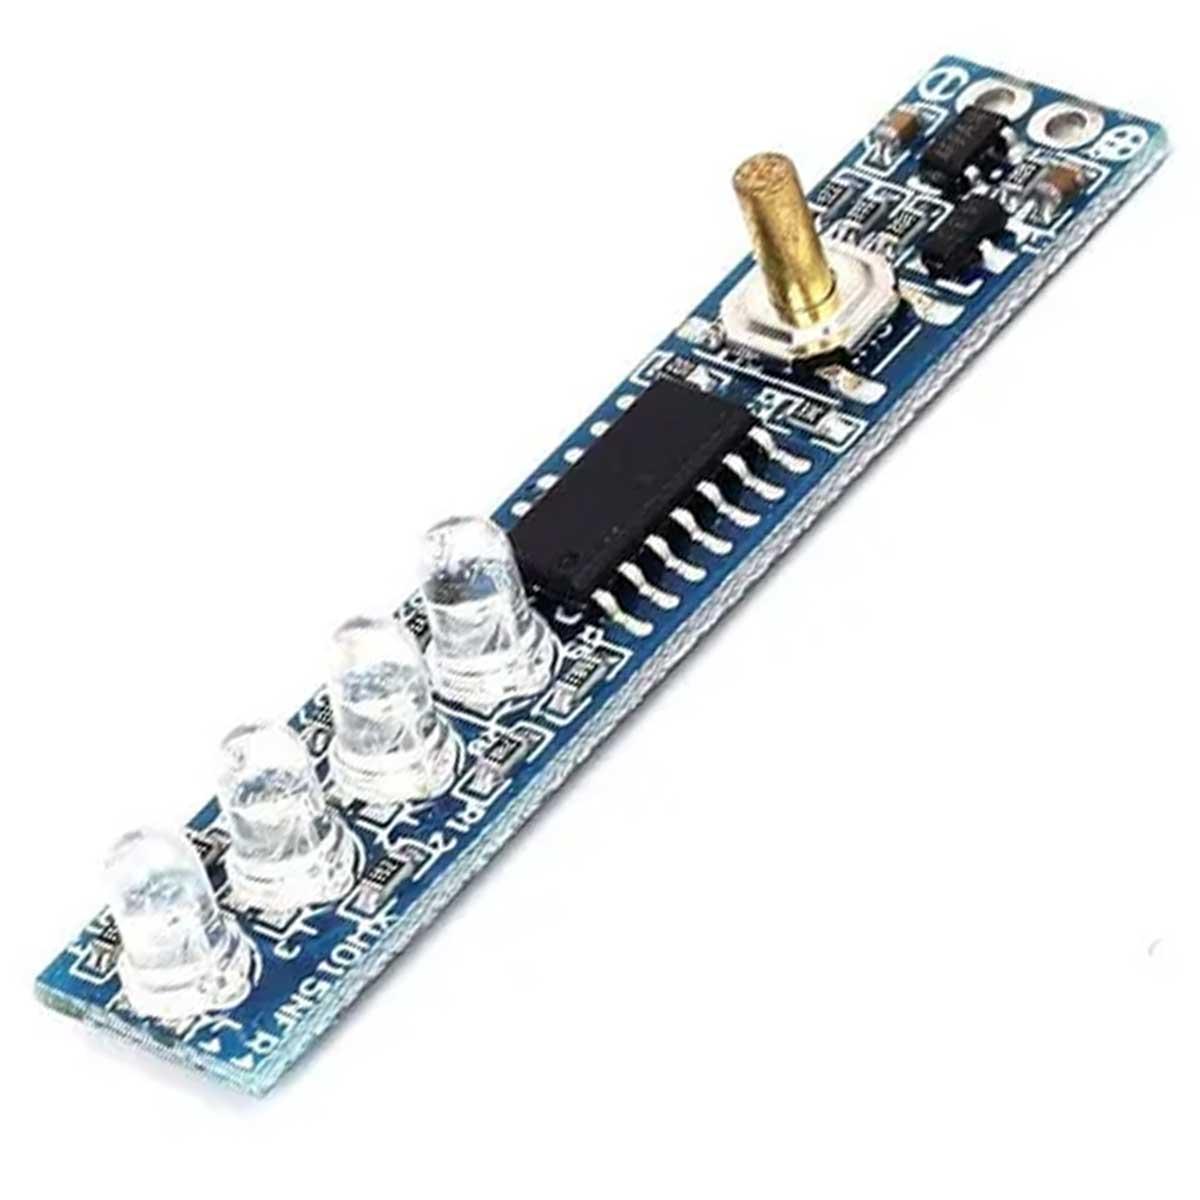 Voltímetro Indicador de Nível de Carga para Baterias 4S 16,8V